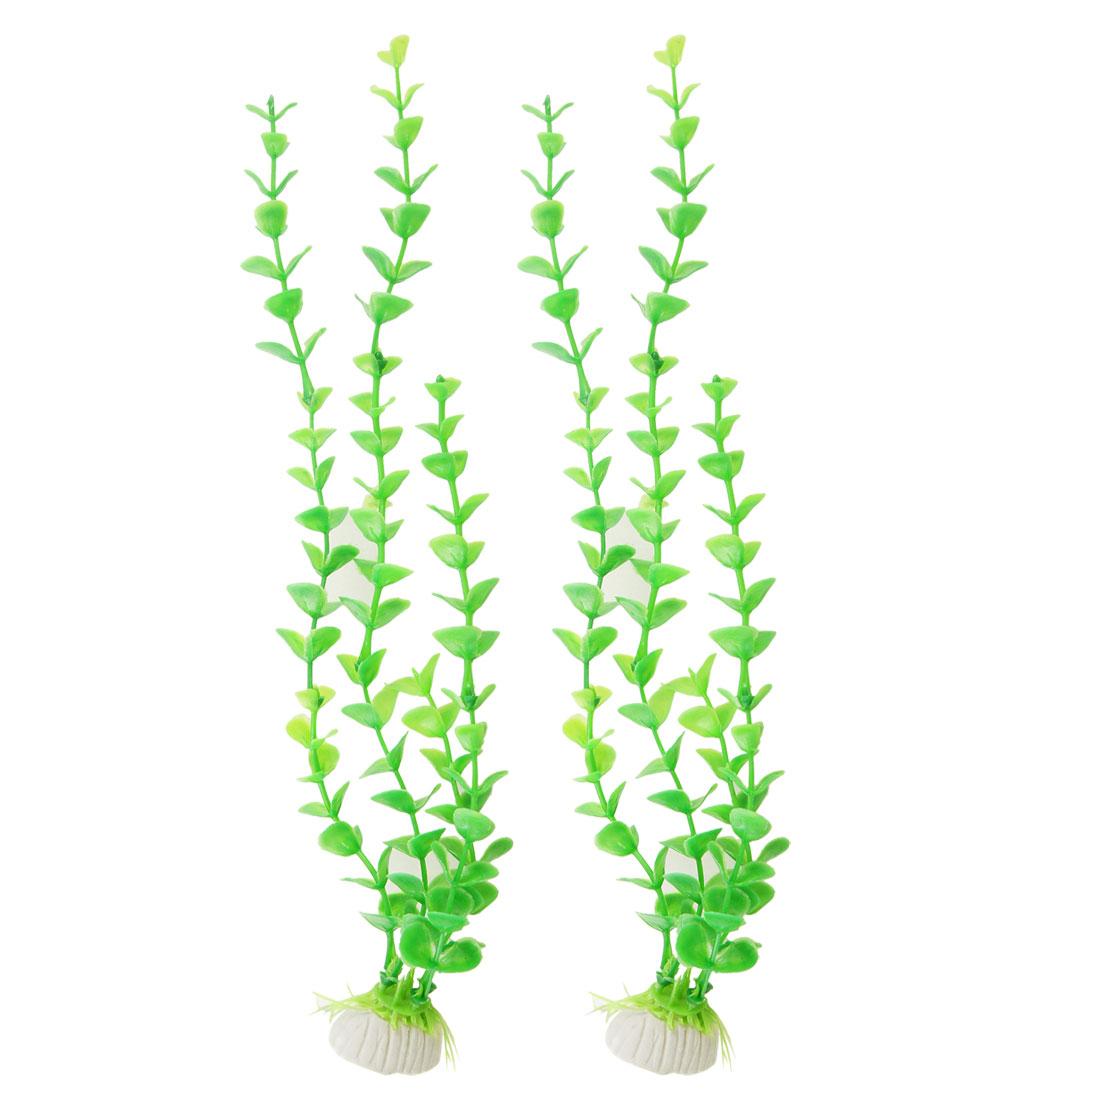 2 Pcs Aquarium Artificial Green Plastic Plant Ornament w Ceramic Base